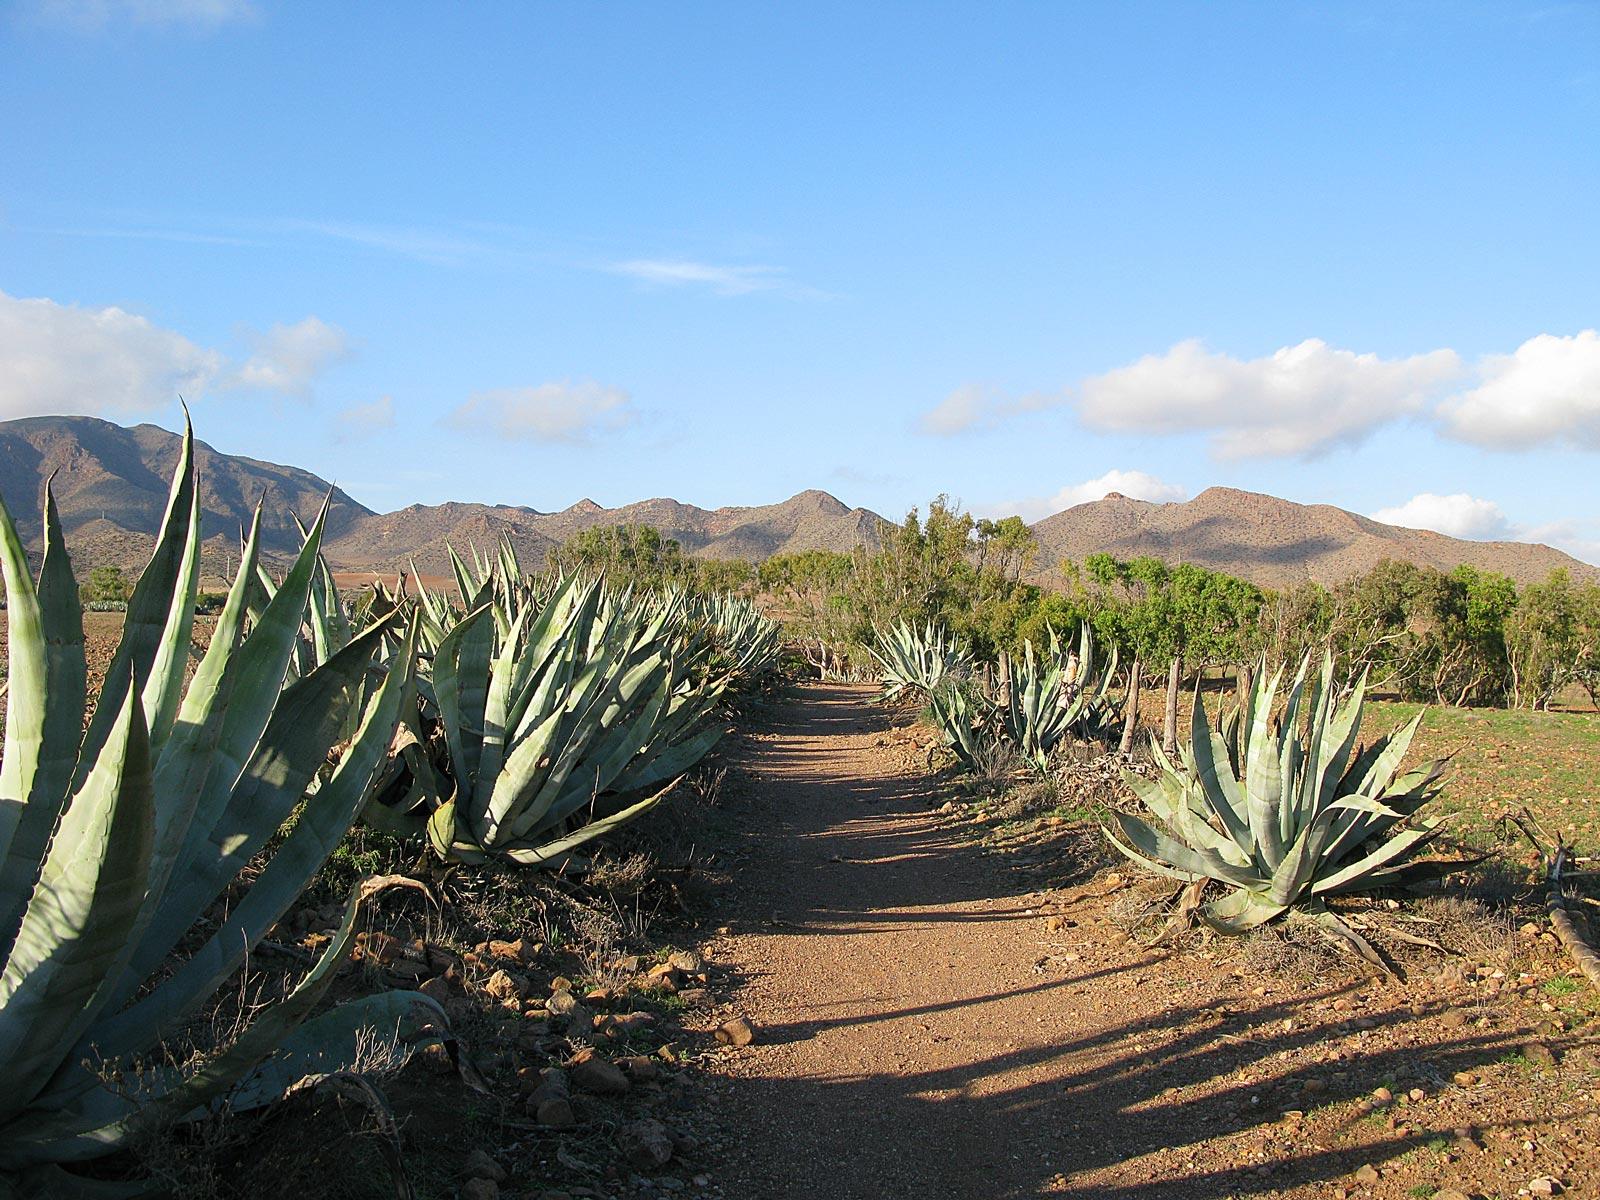 Parque Natural del Cabo de Gata-Níjar in Andalusien